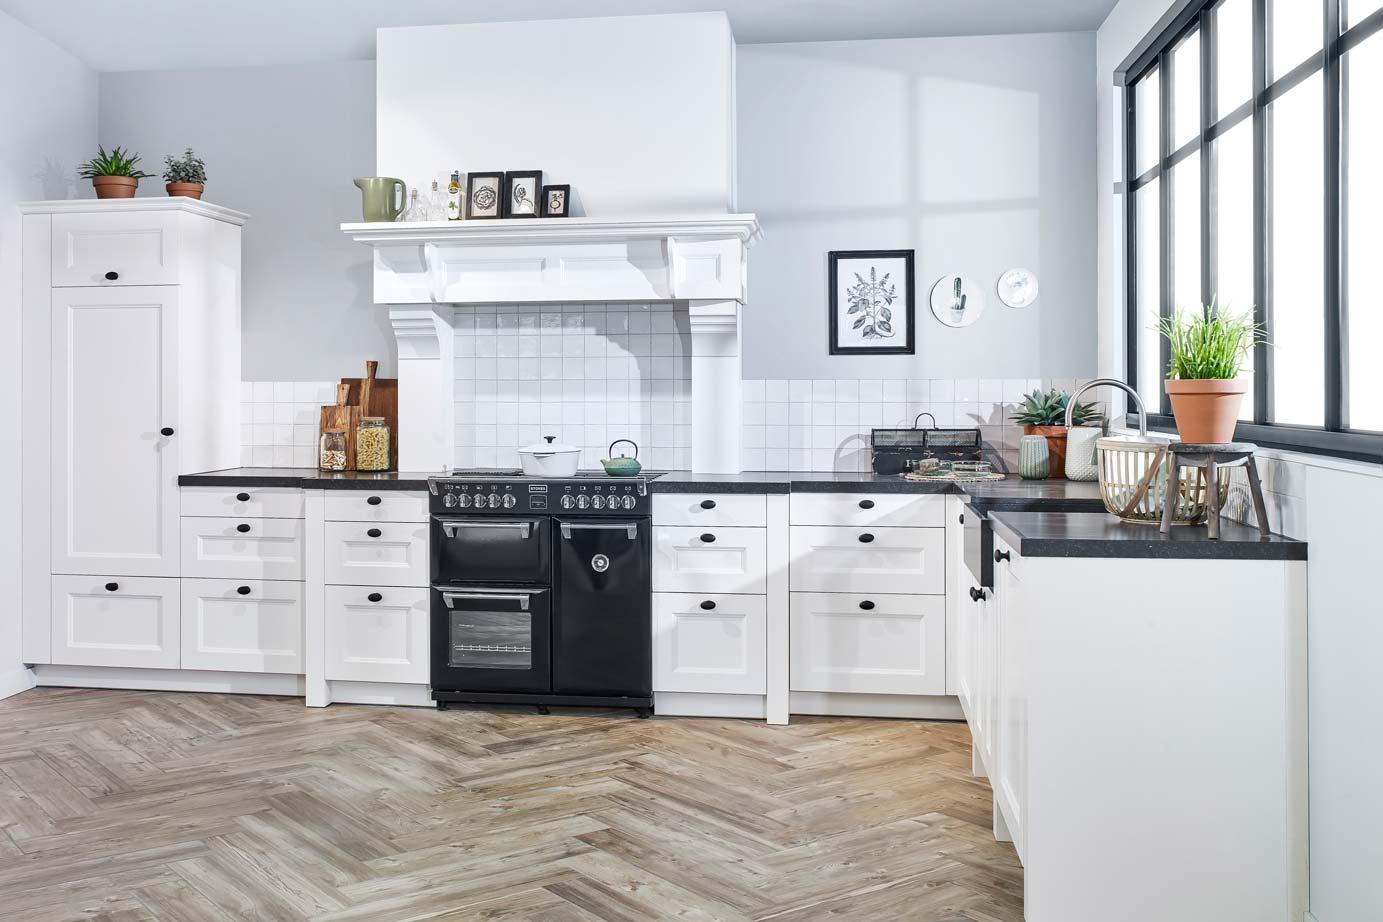 Schouw Keukens Almere : Klassieke keukens de warmte en rust van vroeger adee